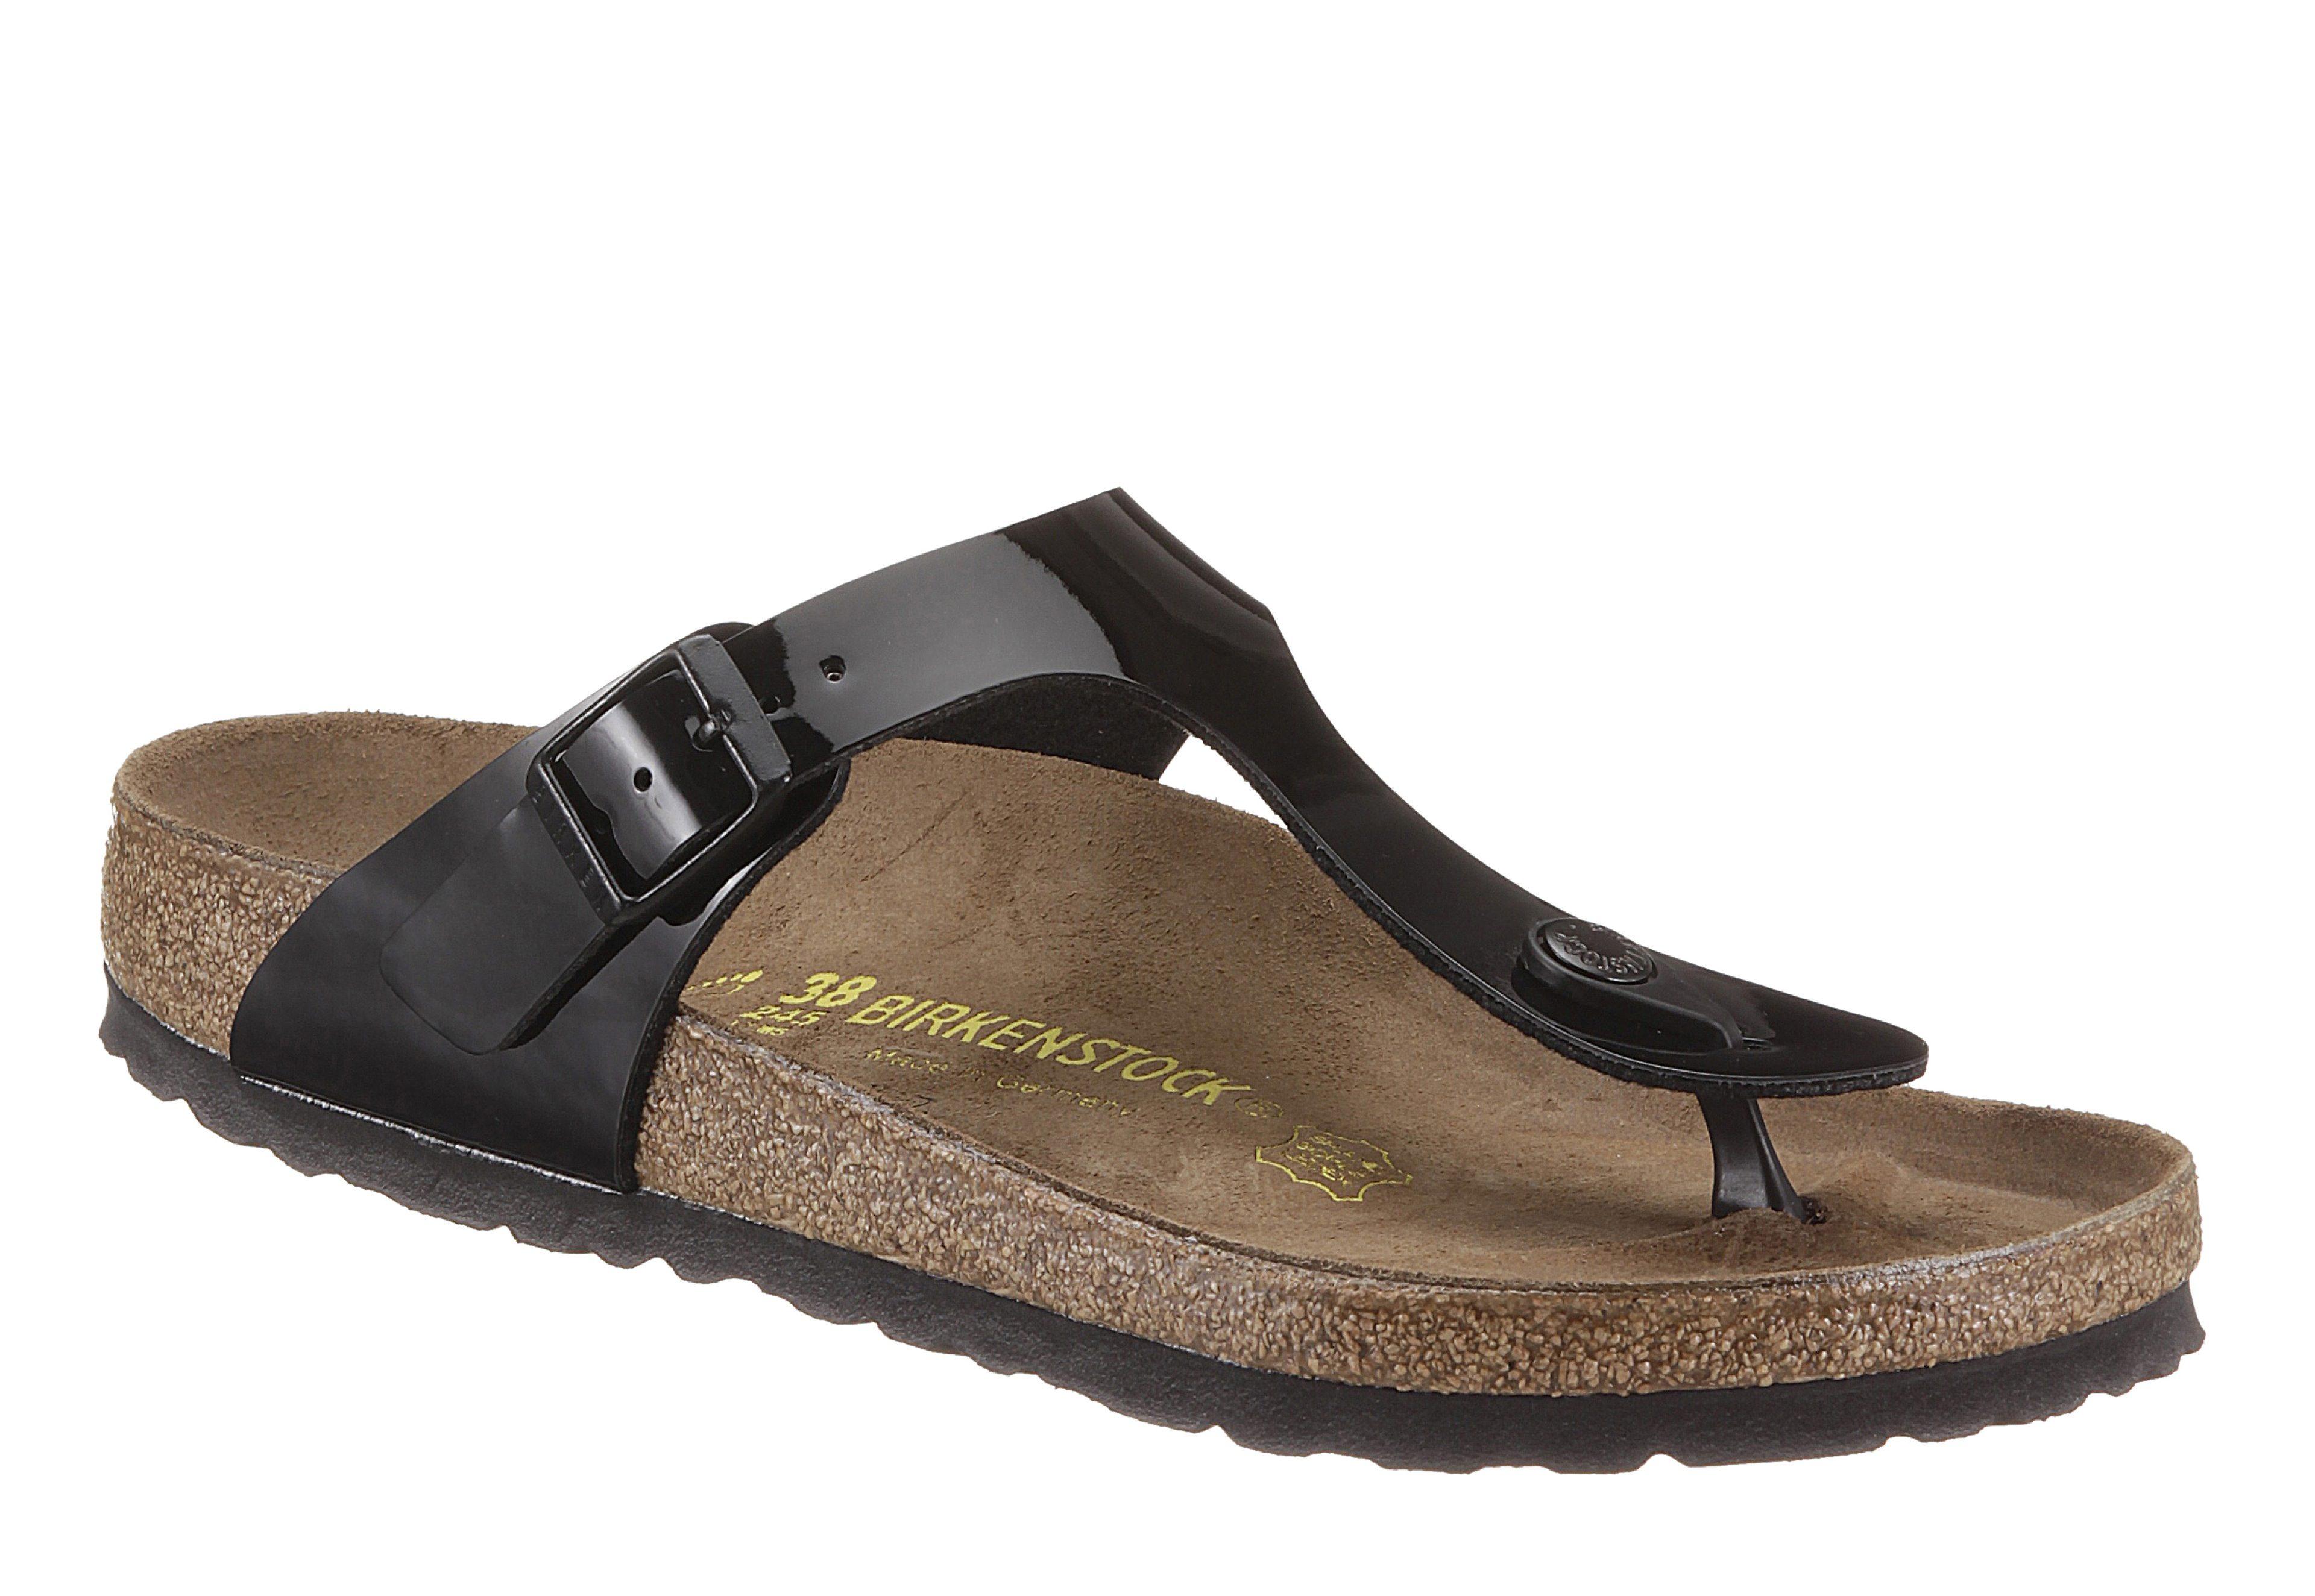 Birkenstock GIZEH Zehentrenner, in schmaler Schuhweite und Lack-Optik online kaufen  schwarz